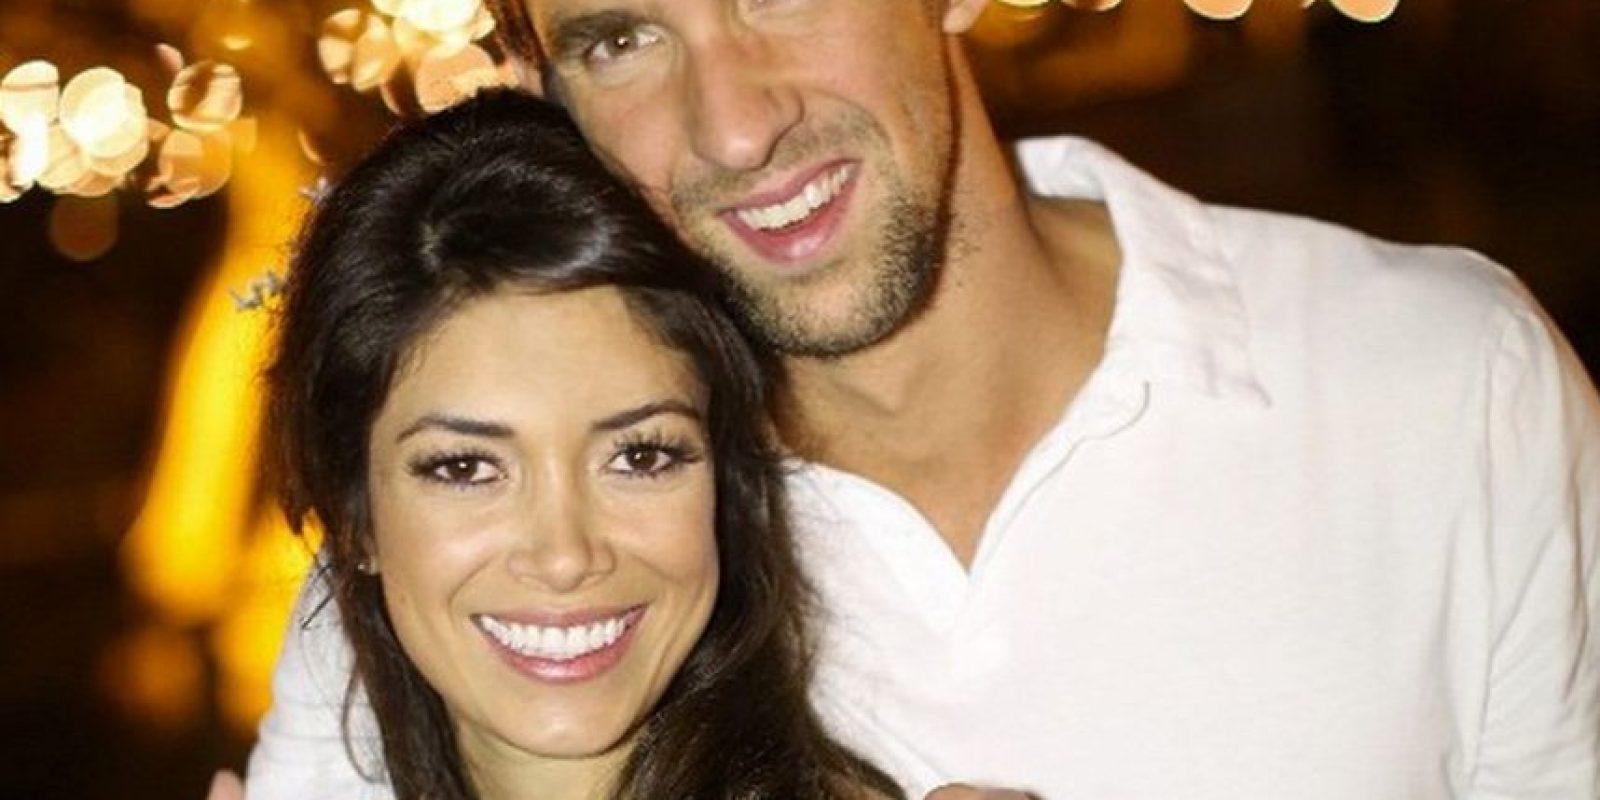 La confesión se da solo un mes después de que Phelps le haya pedido matrimonio a la modelo Nicole Johnson Foto:Instagram: @nicole.m.johnson